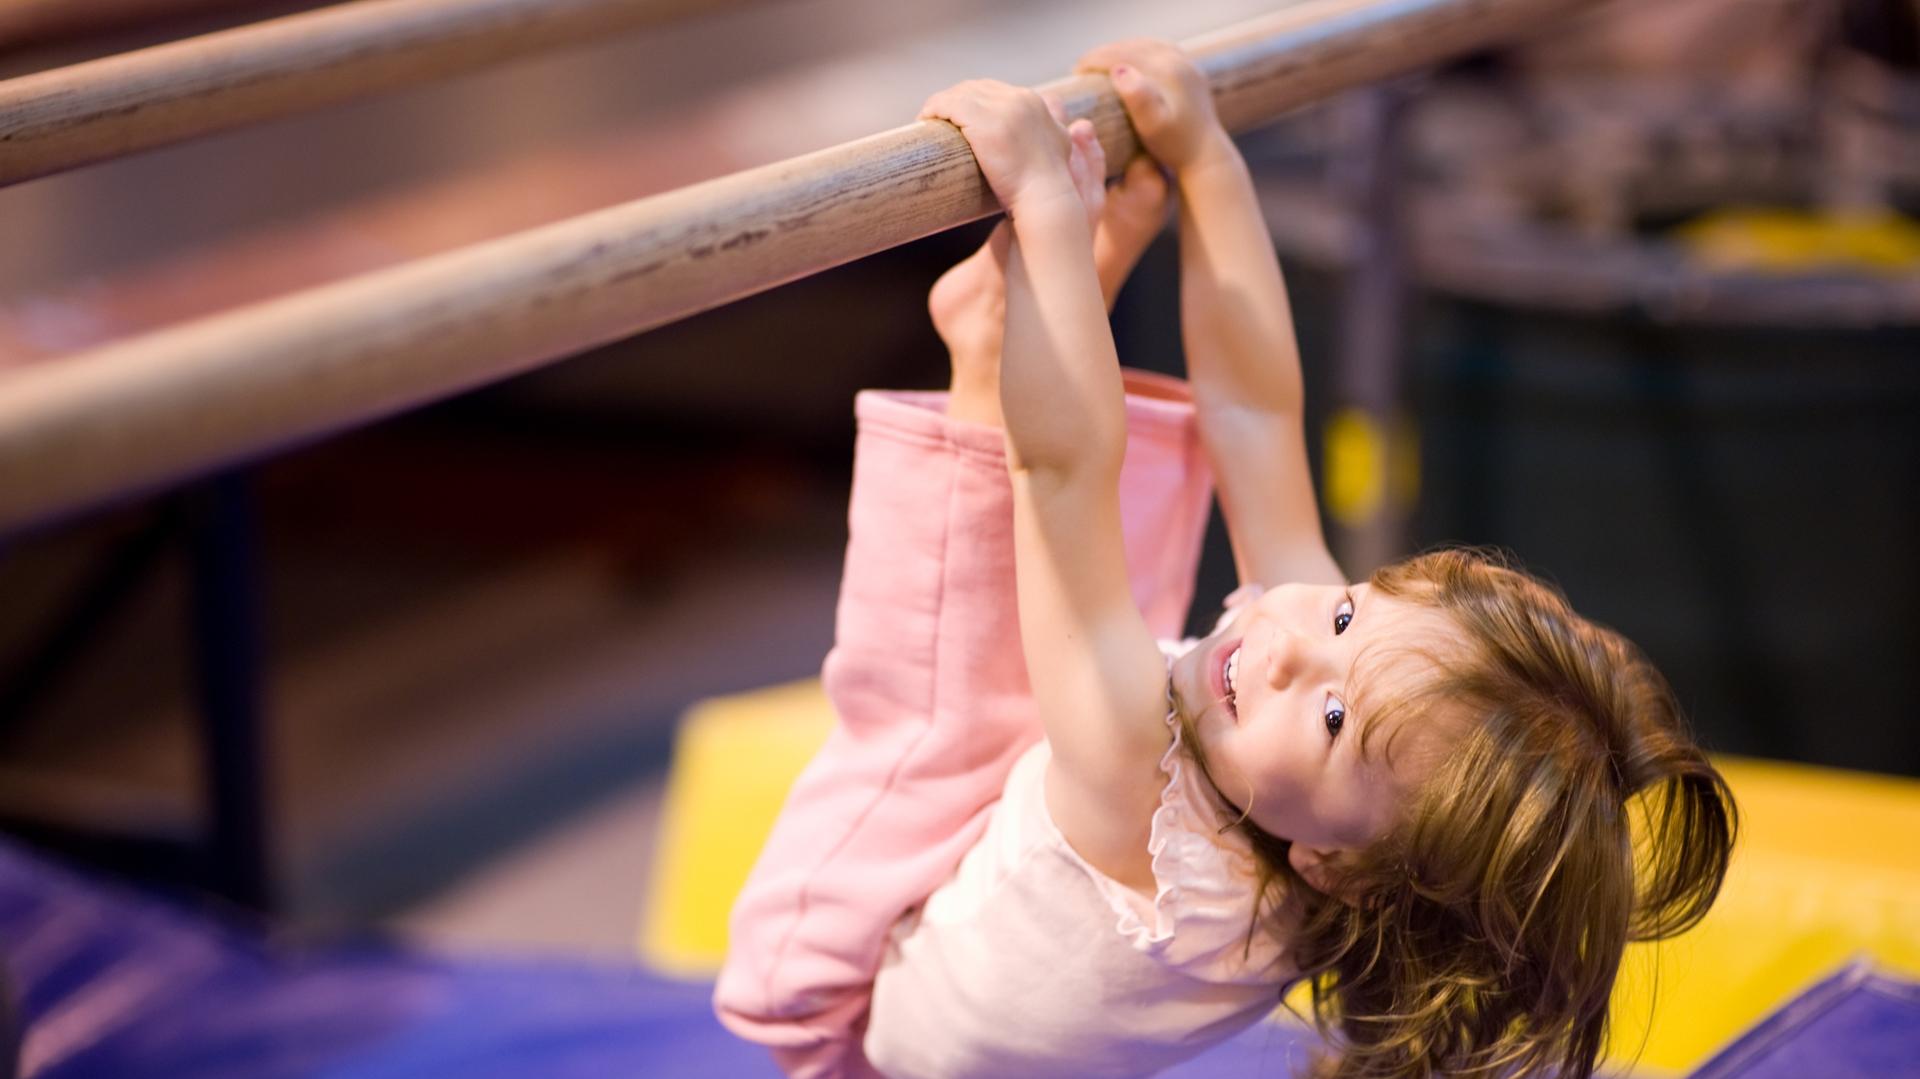 Los ejercicios de flexibilidad y coordinación son recomendados para los niños (Getty)